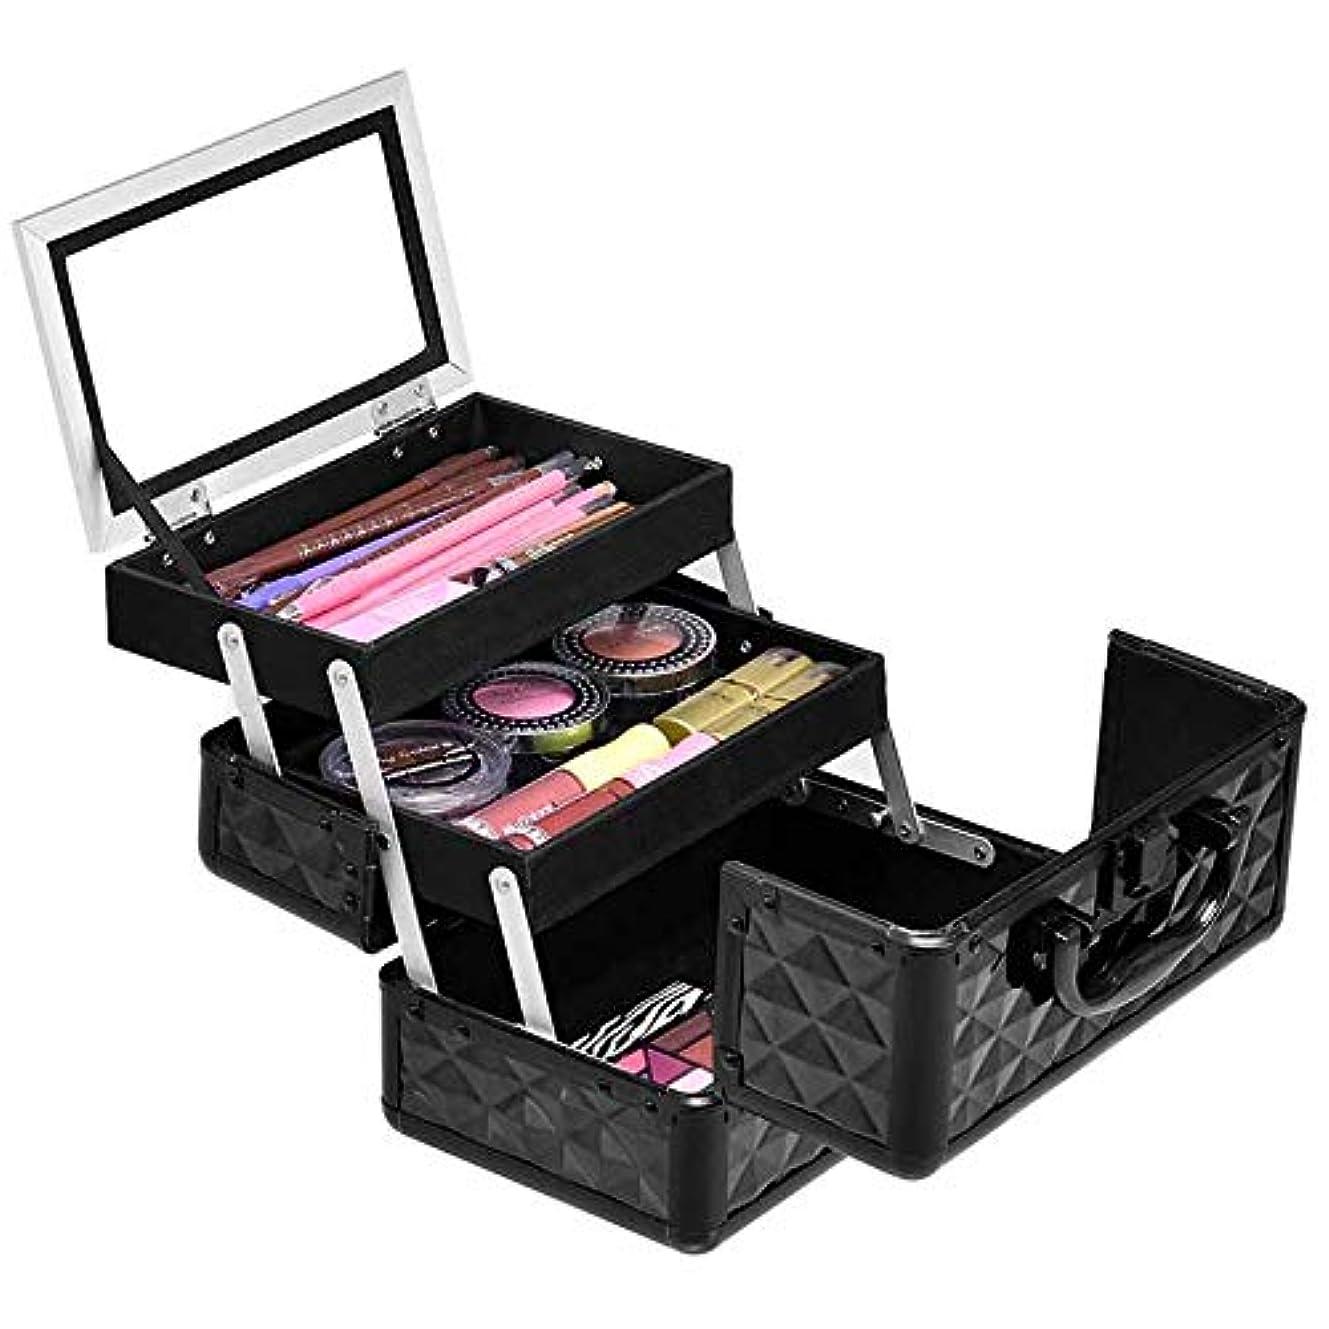 そうでなければ不注意効率Costway コスメボックス メイクボックス 鏡付き 大容量 持ち運び 化粧品収納ボックス プロ用 化粧箱 コスメ収納ボックス ブラック